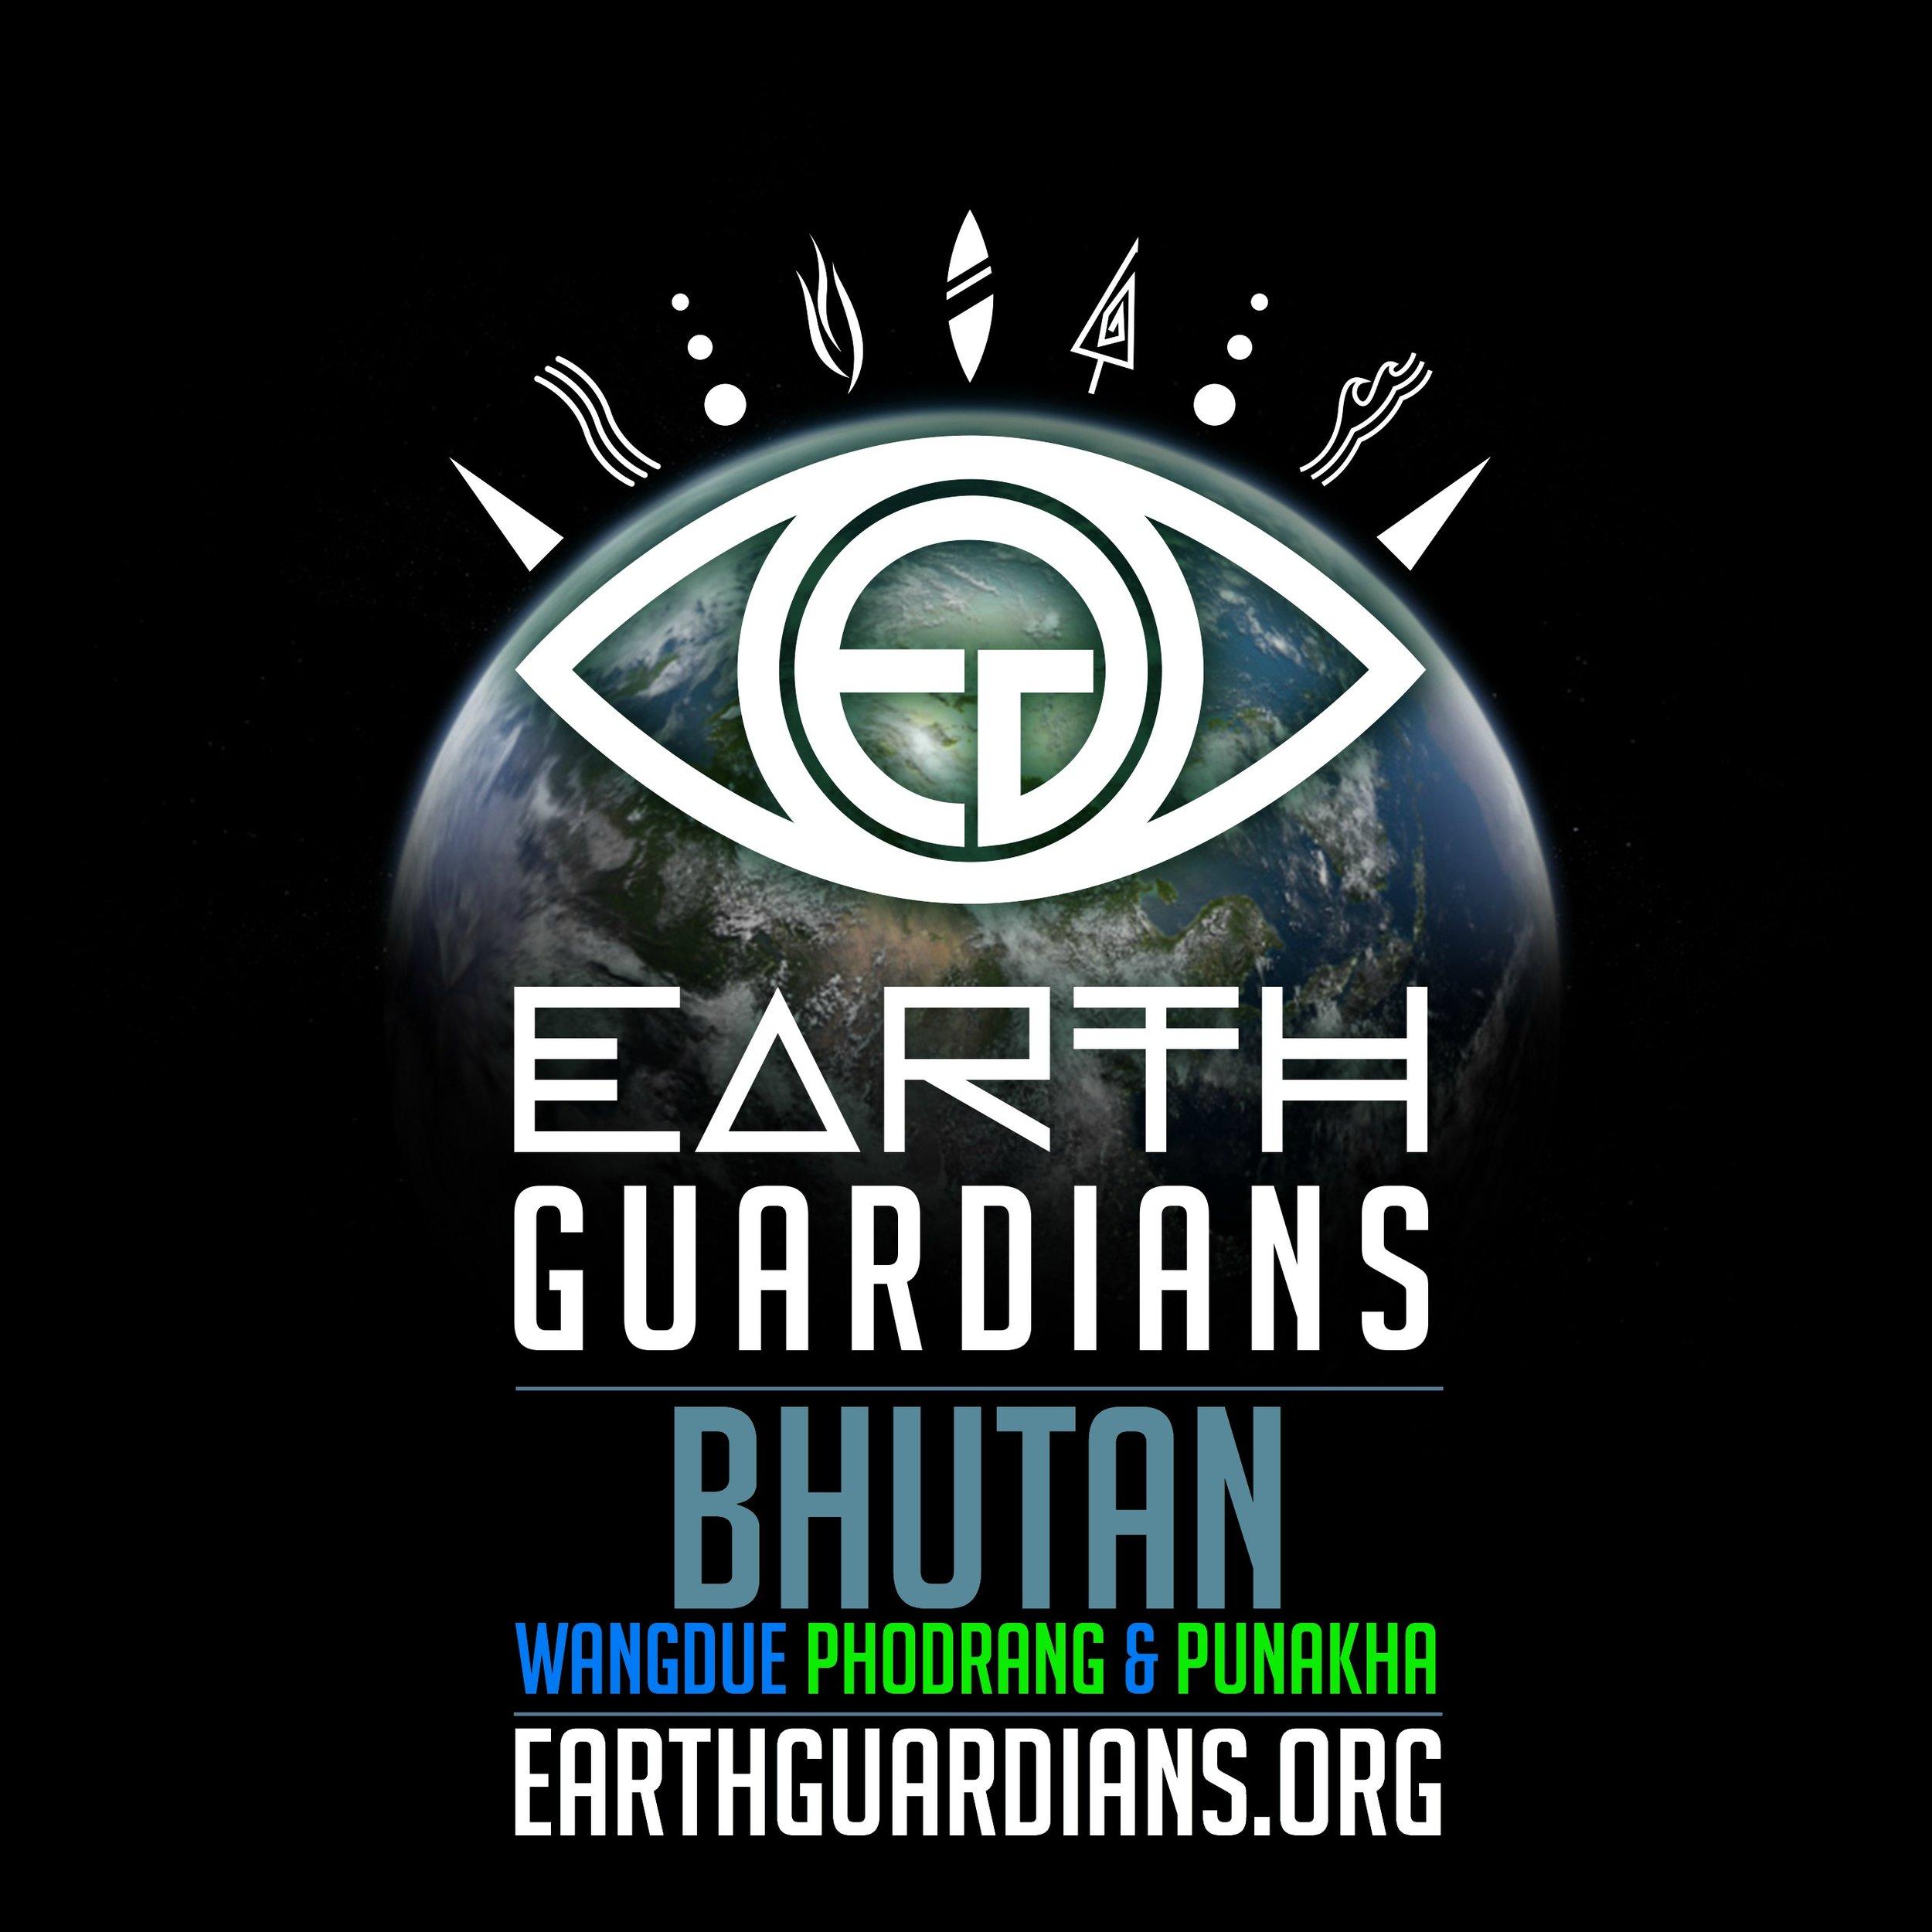 EG_crew logo bhutan WANGDUE.jpg